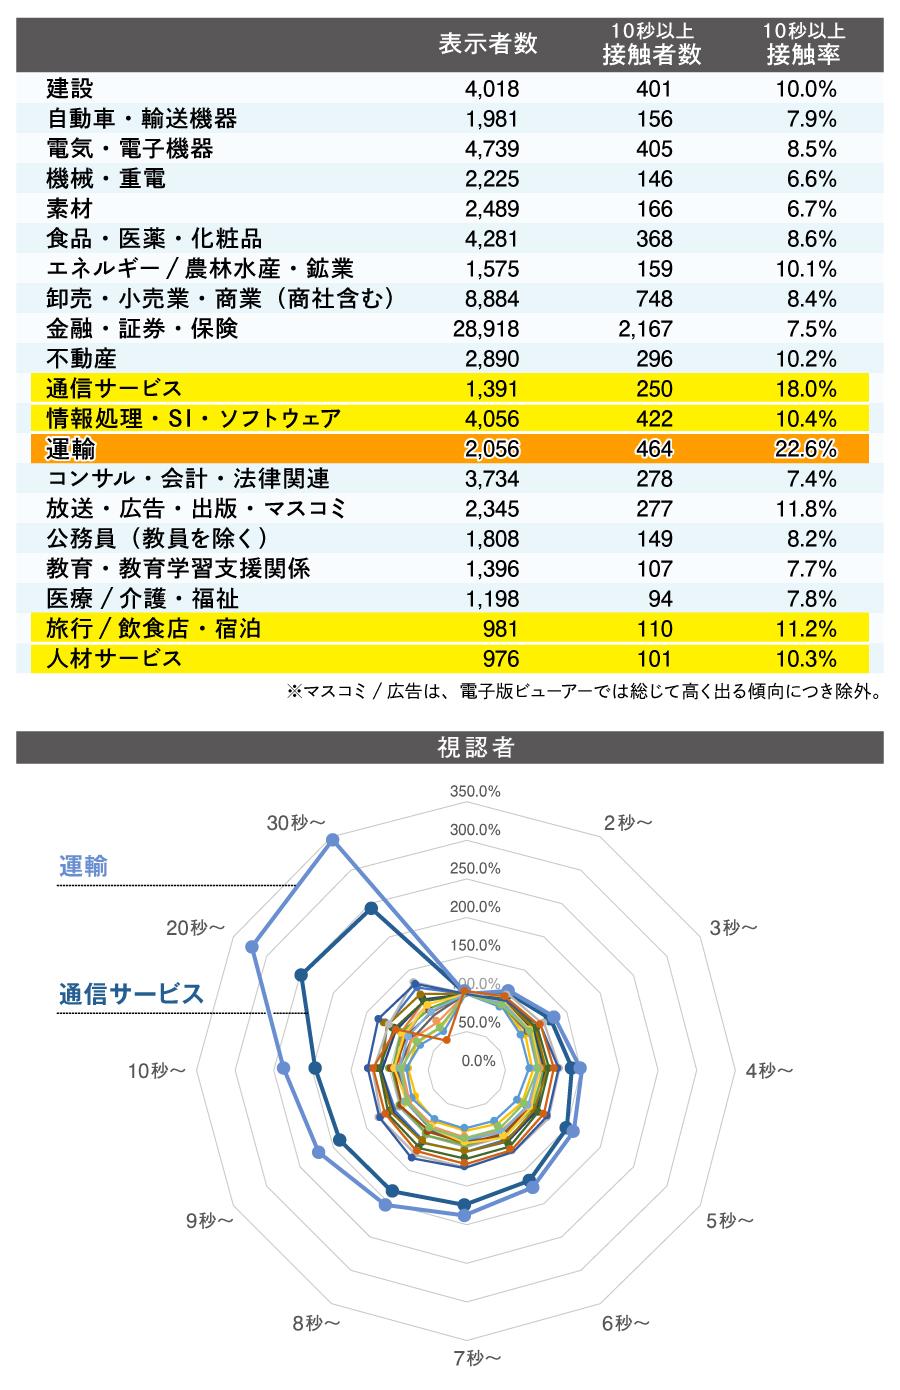 運輸業広告のレポート